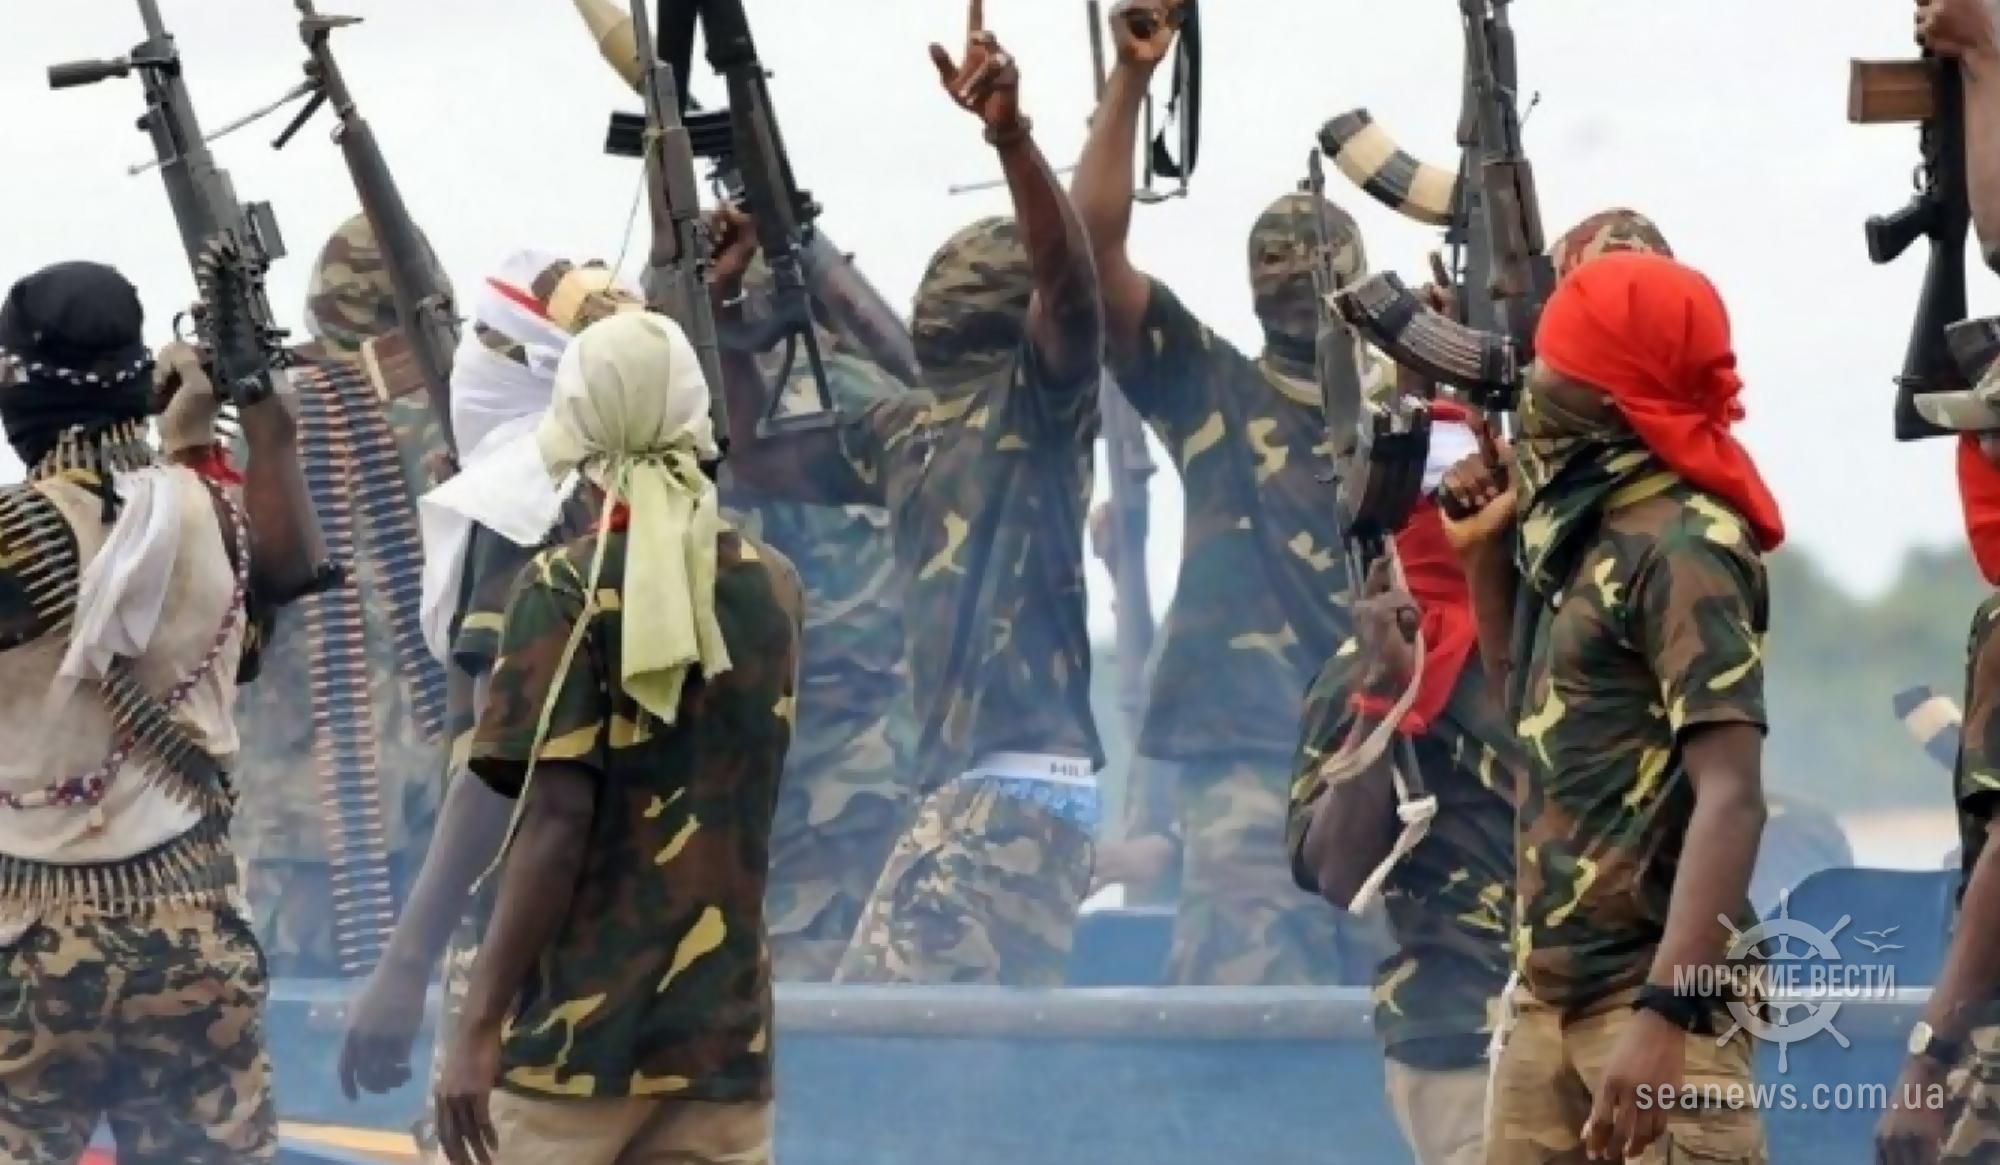 Украинских моряков освободили из плена африканских пиратов